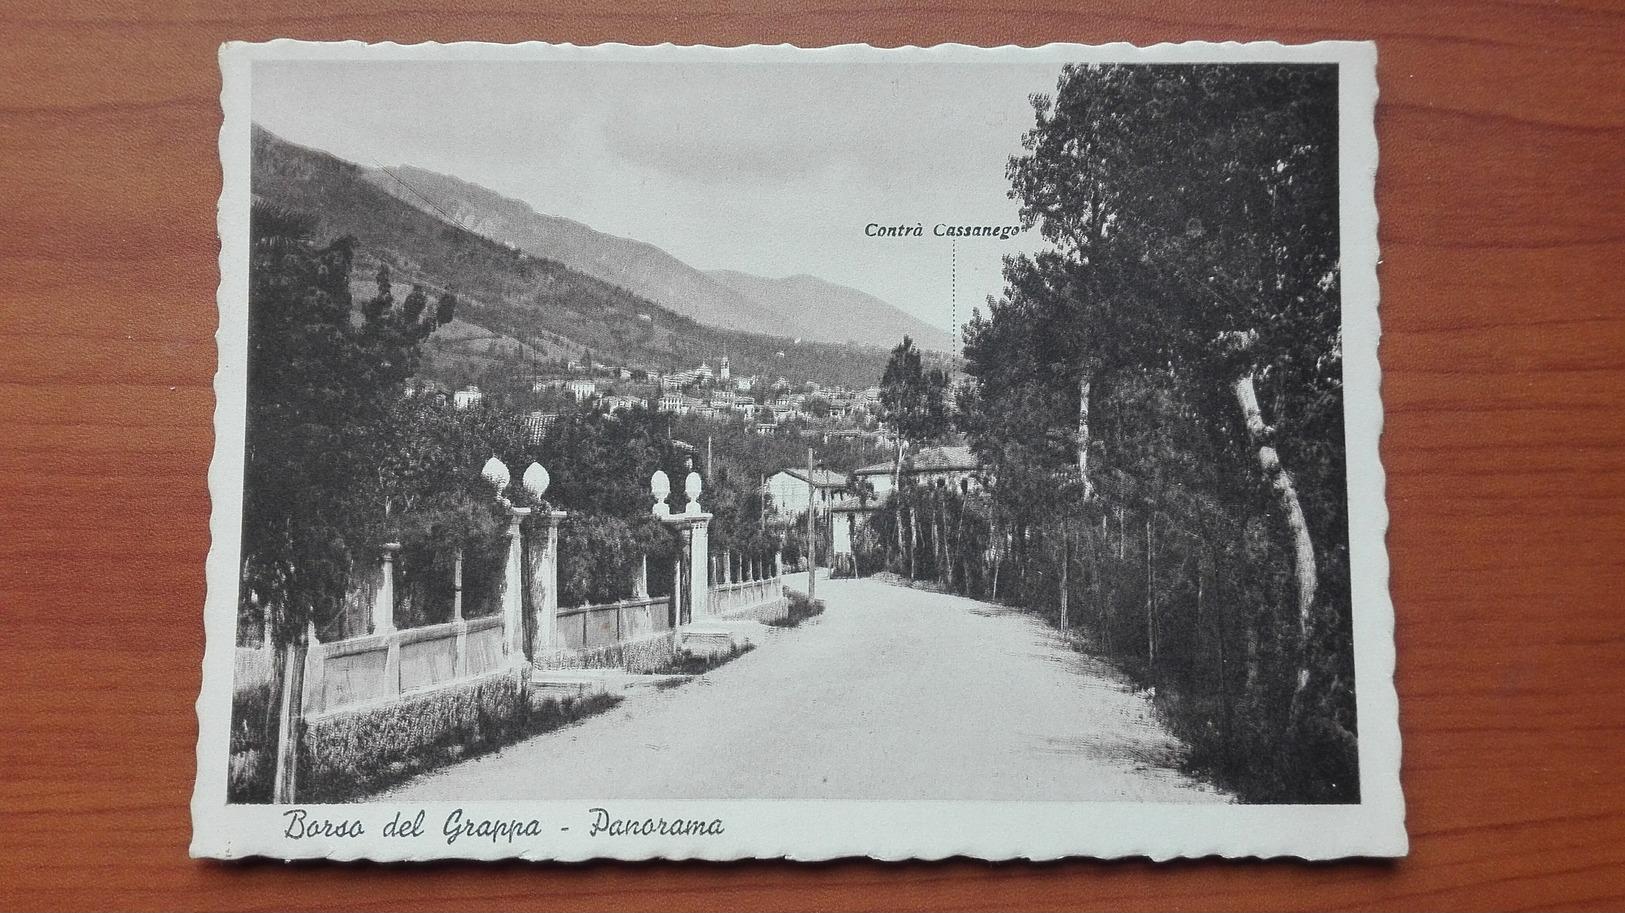 Borso Del Grappa - Panorama - Treviso